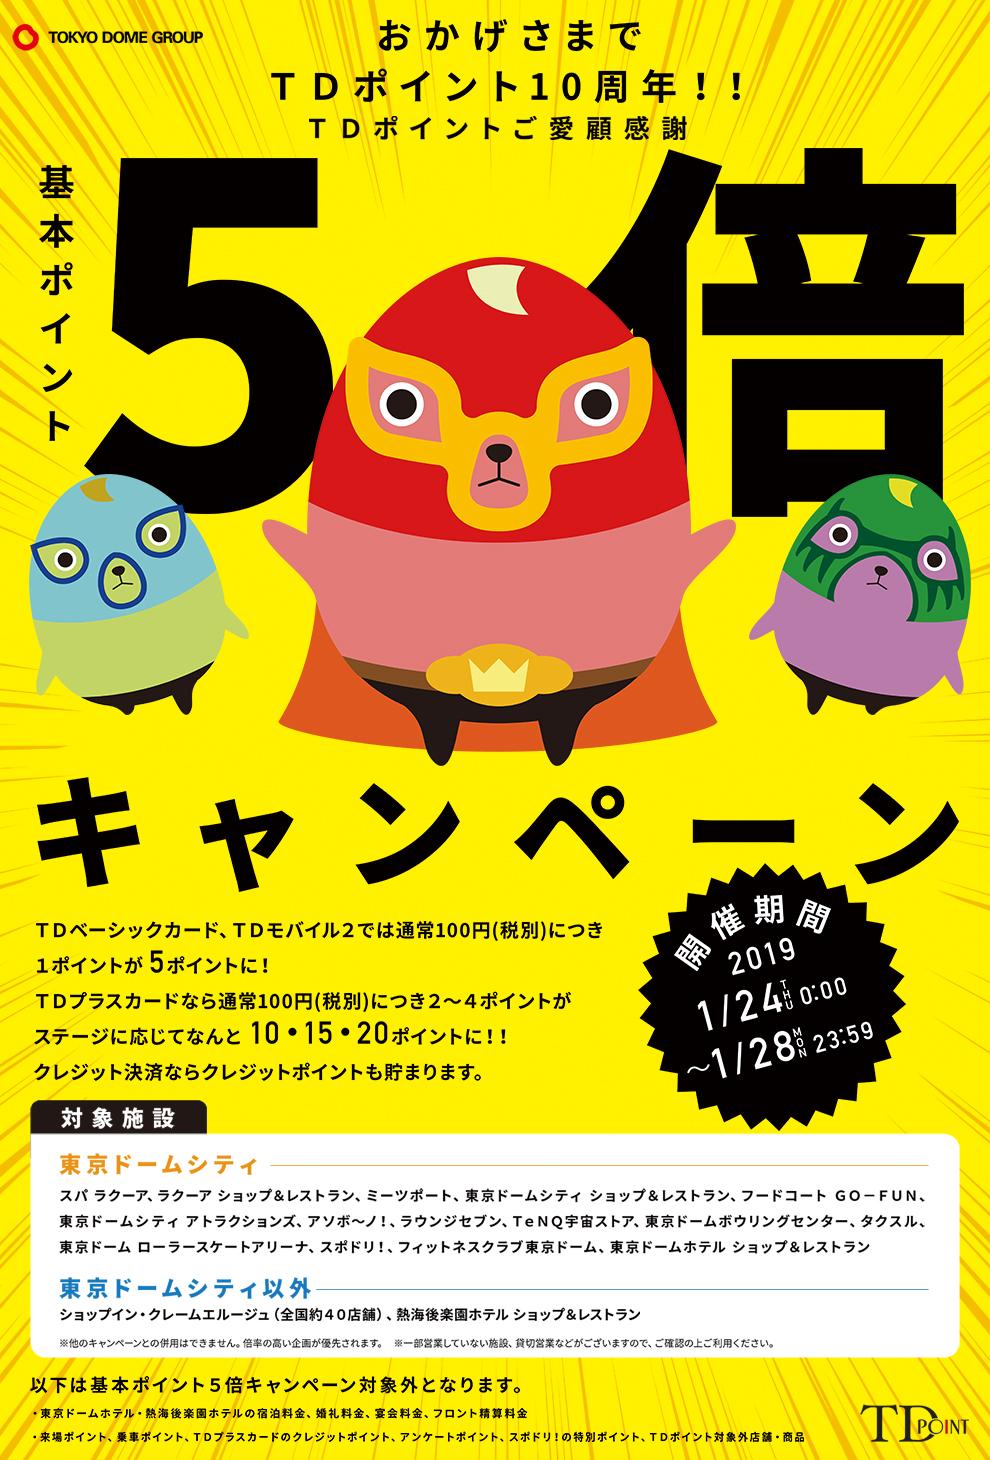 おかげさまでTDポイント10周年!!基本ポイント5倍キャンペーン!